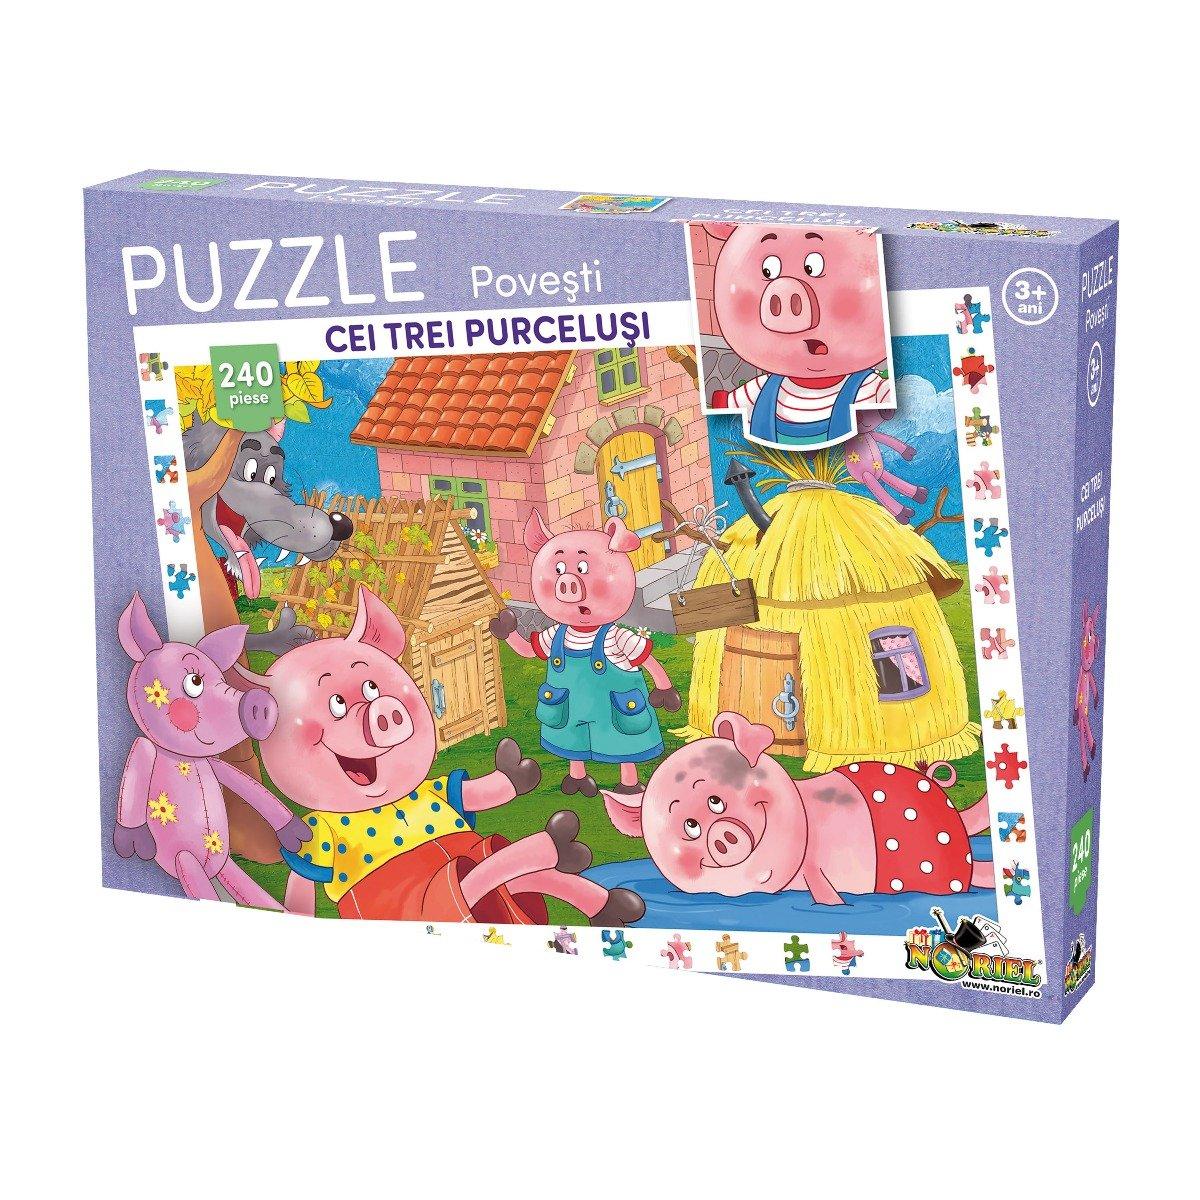 Puzzle Noriel cu povesti 240 de piese - Cei trei purcelusi